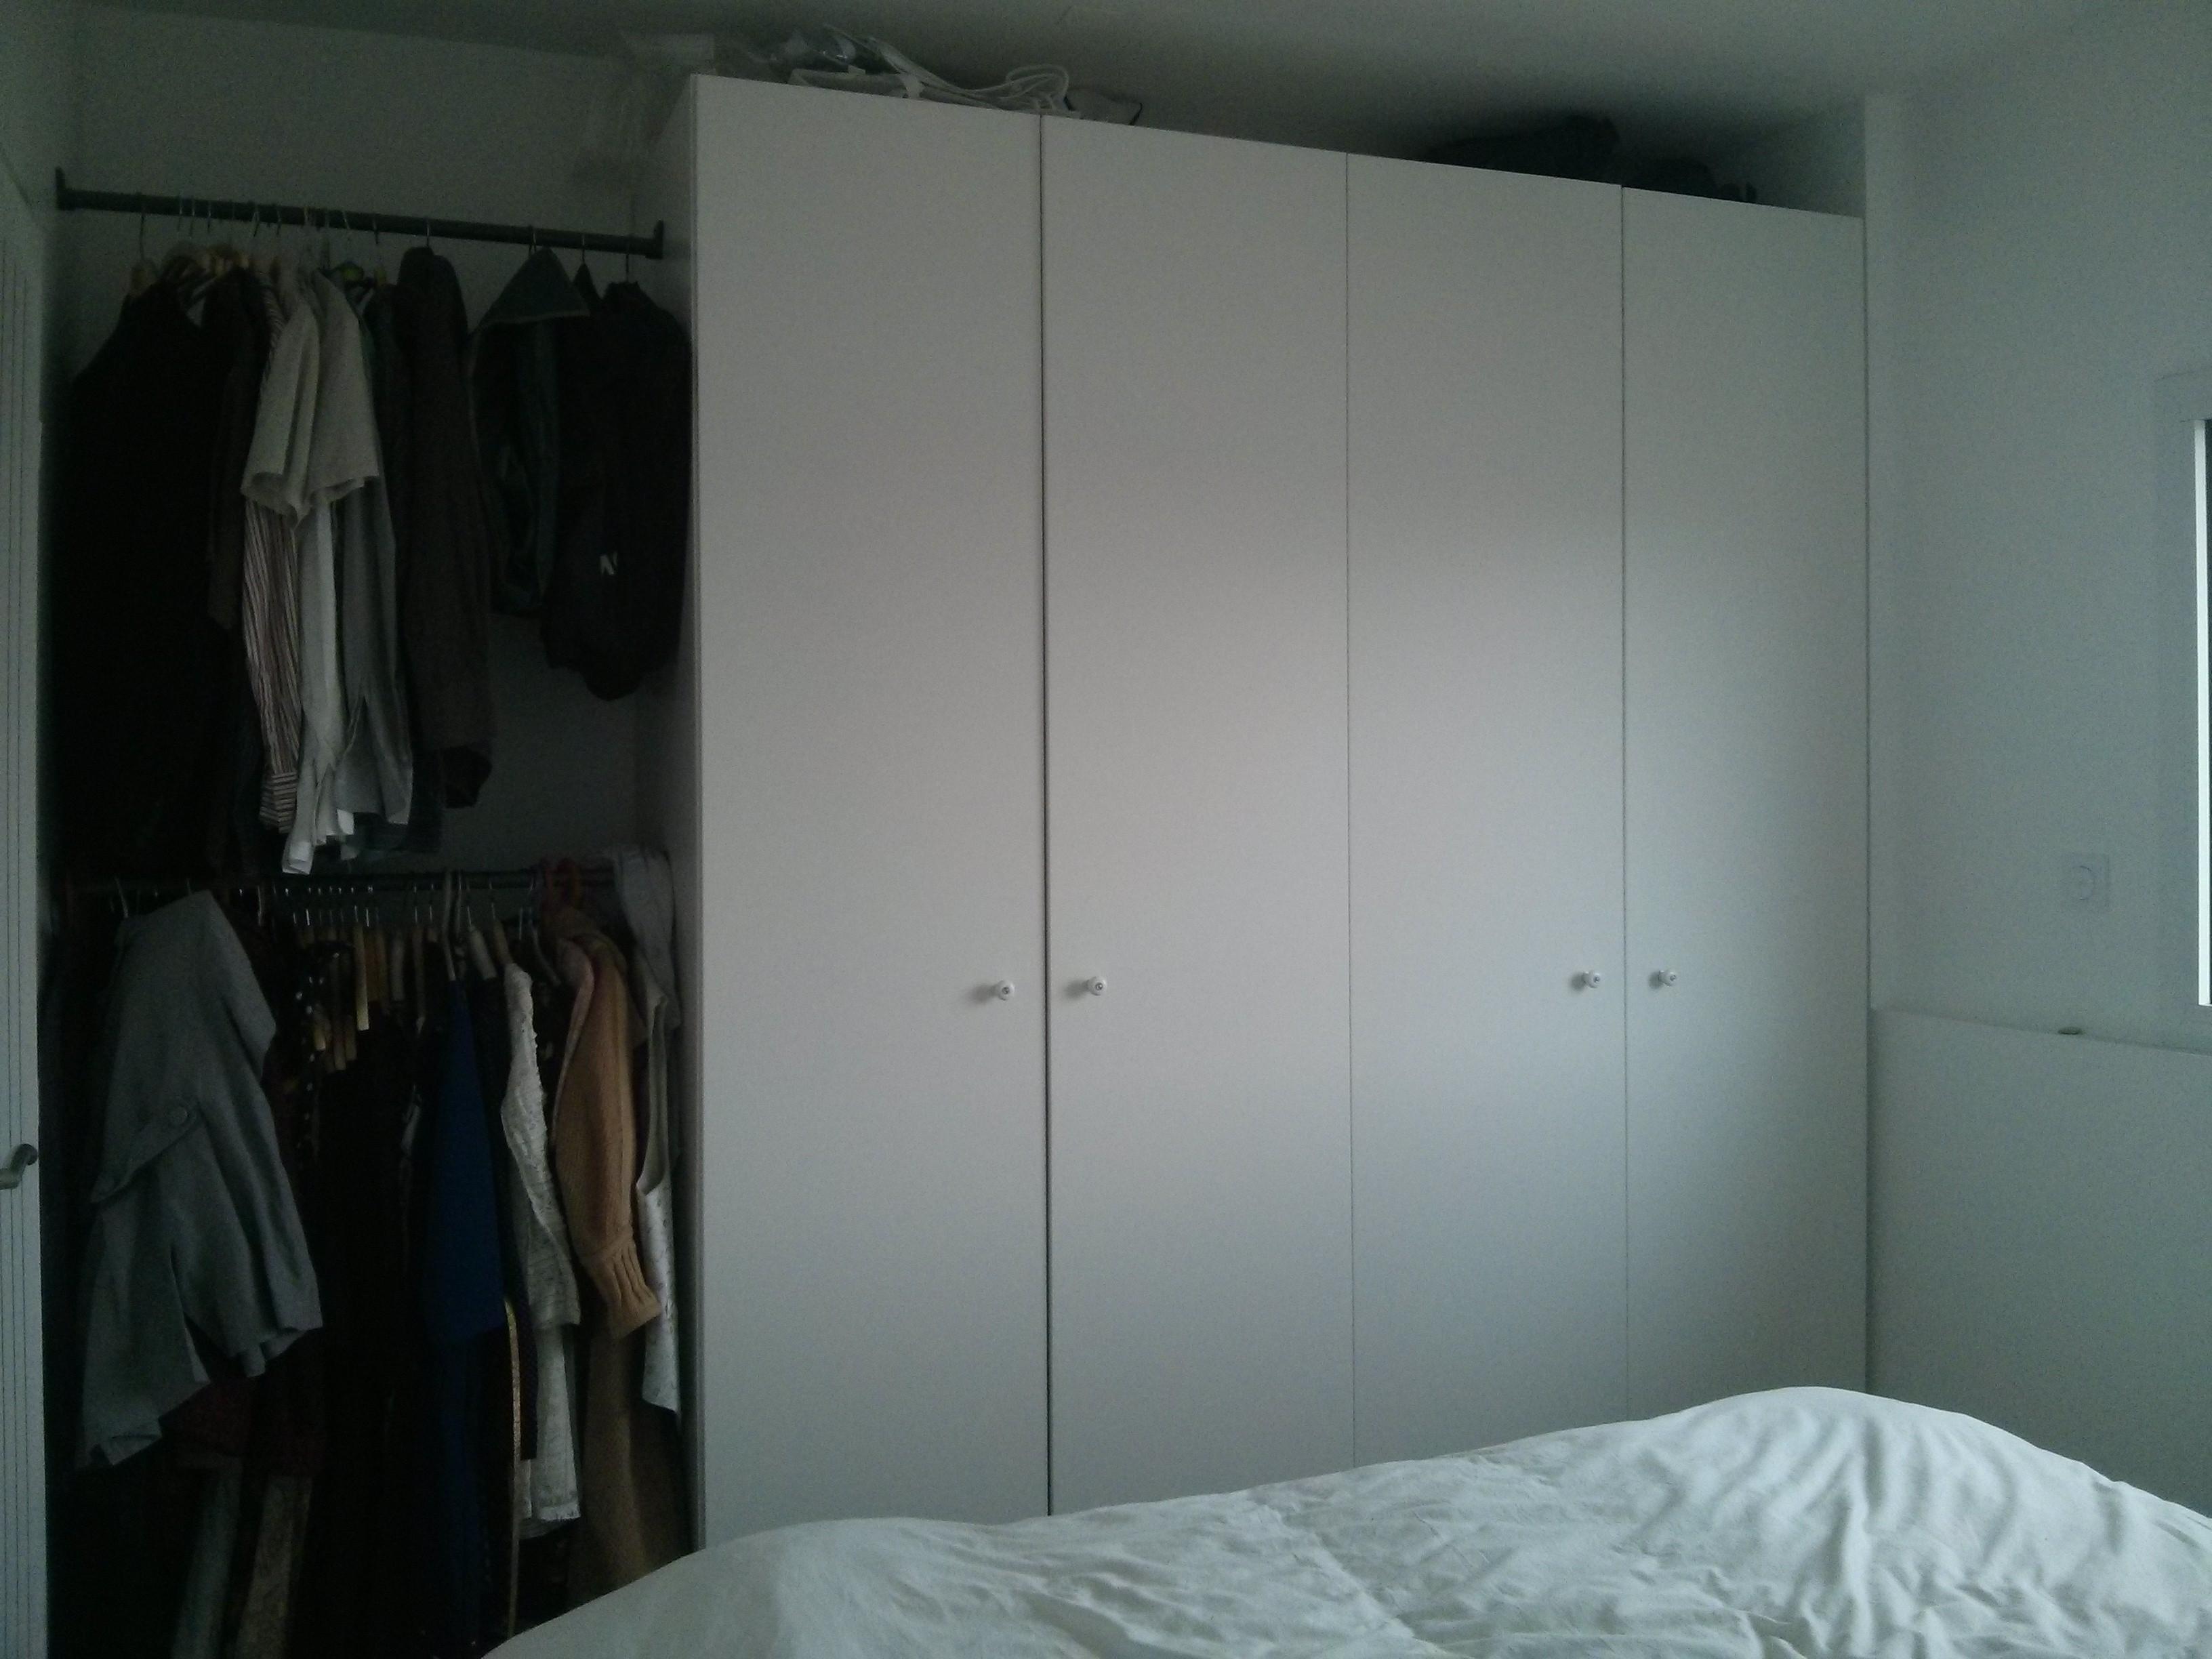 Décorer Sa Penderie Ikea Pax Notre Maison Rt2012 Par Trecobat